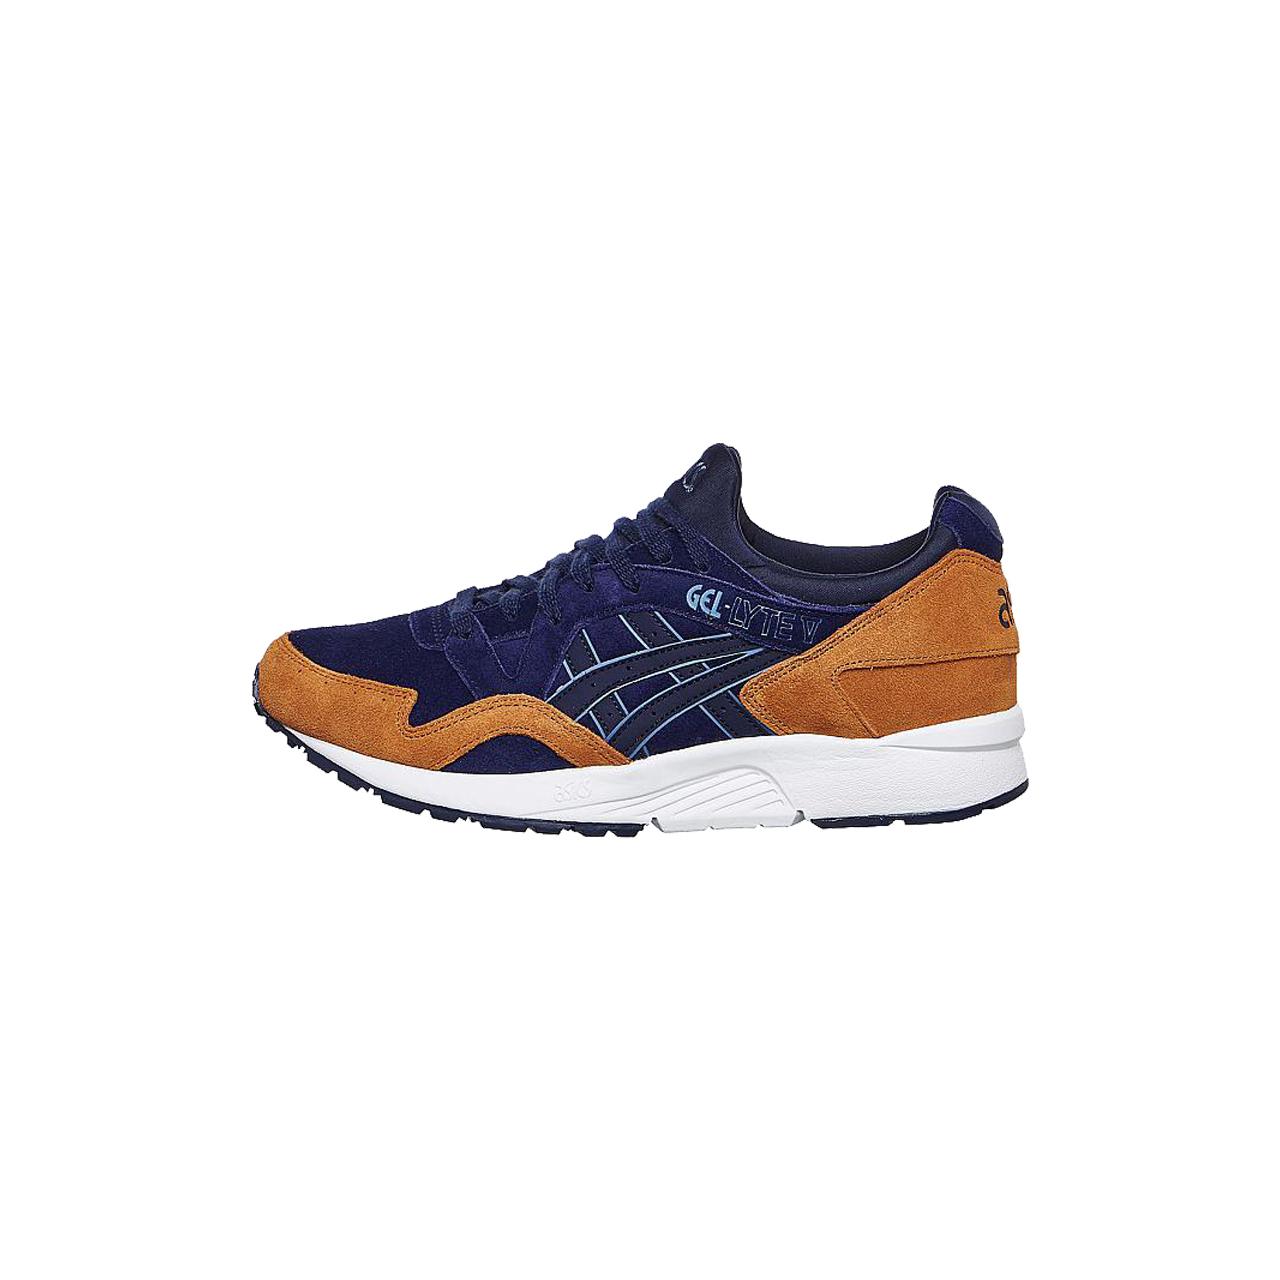 قیمت کفش مخصوص پیاده روی مردانه اسیکس مدل Gel Lyte 4